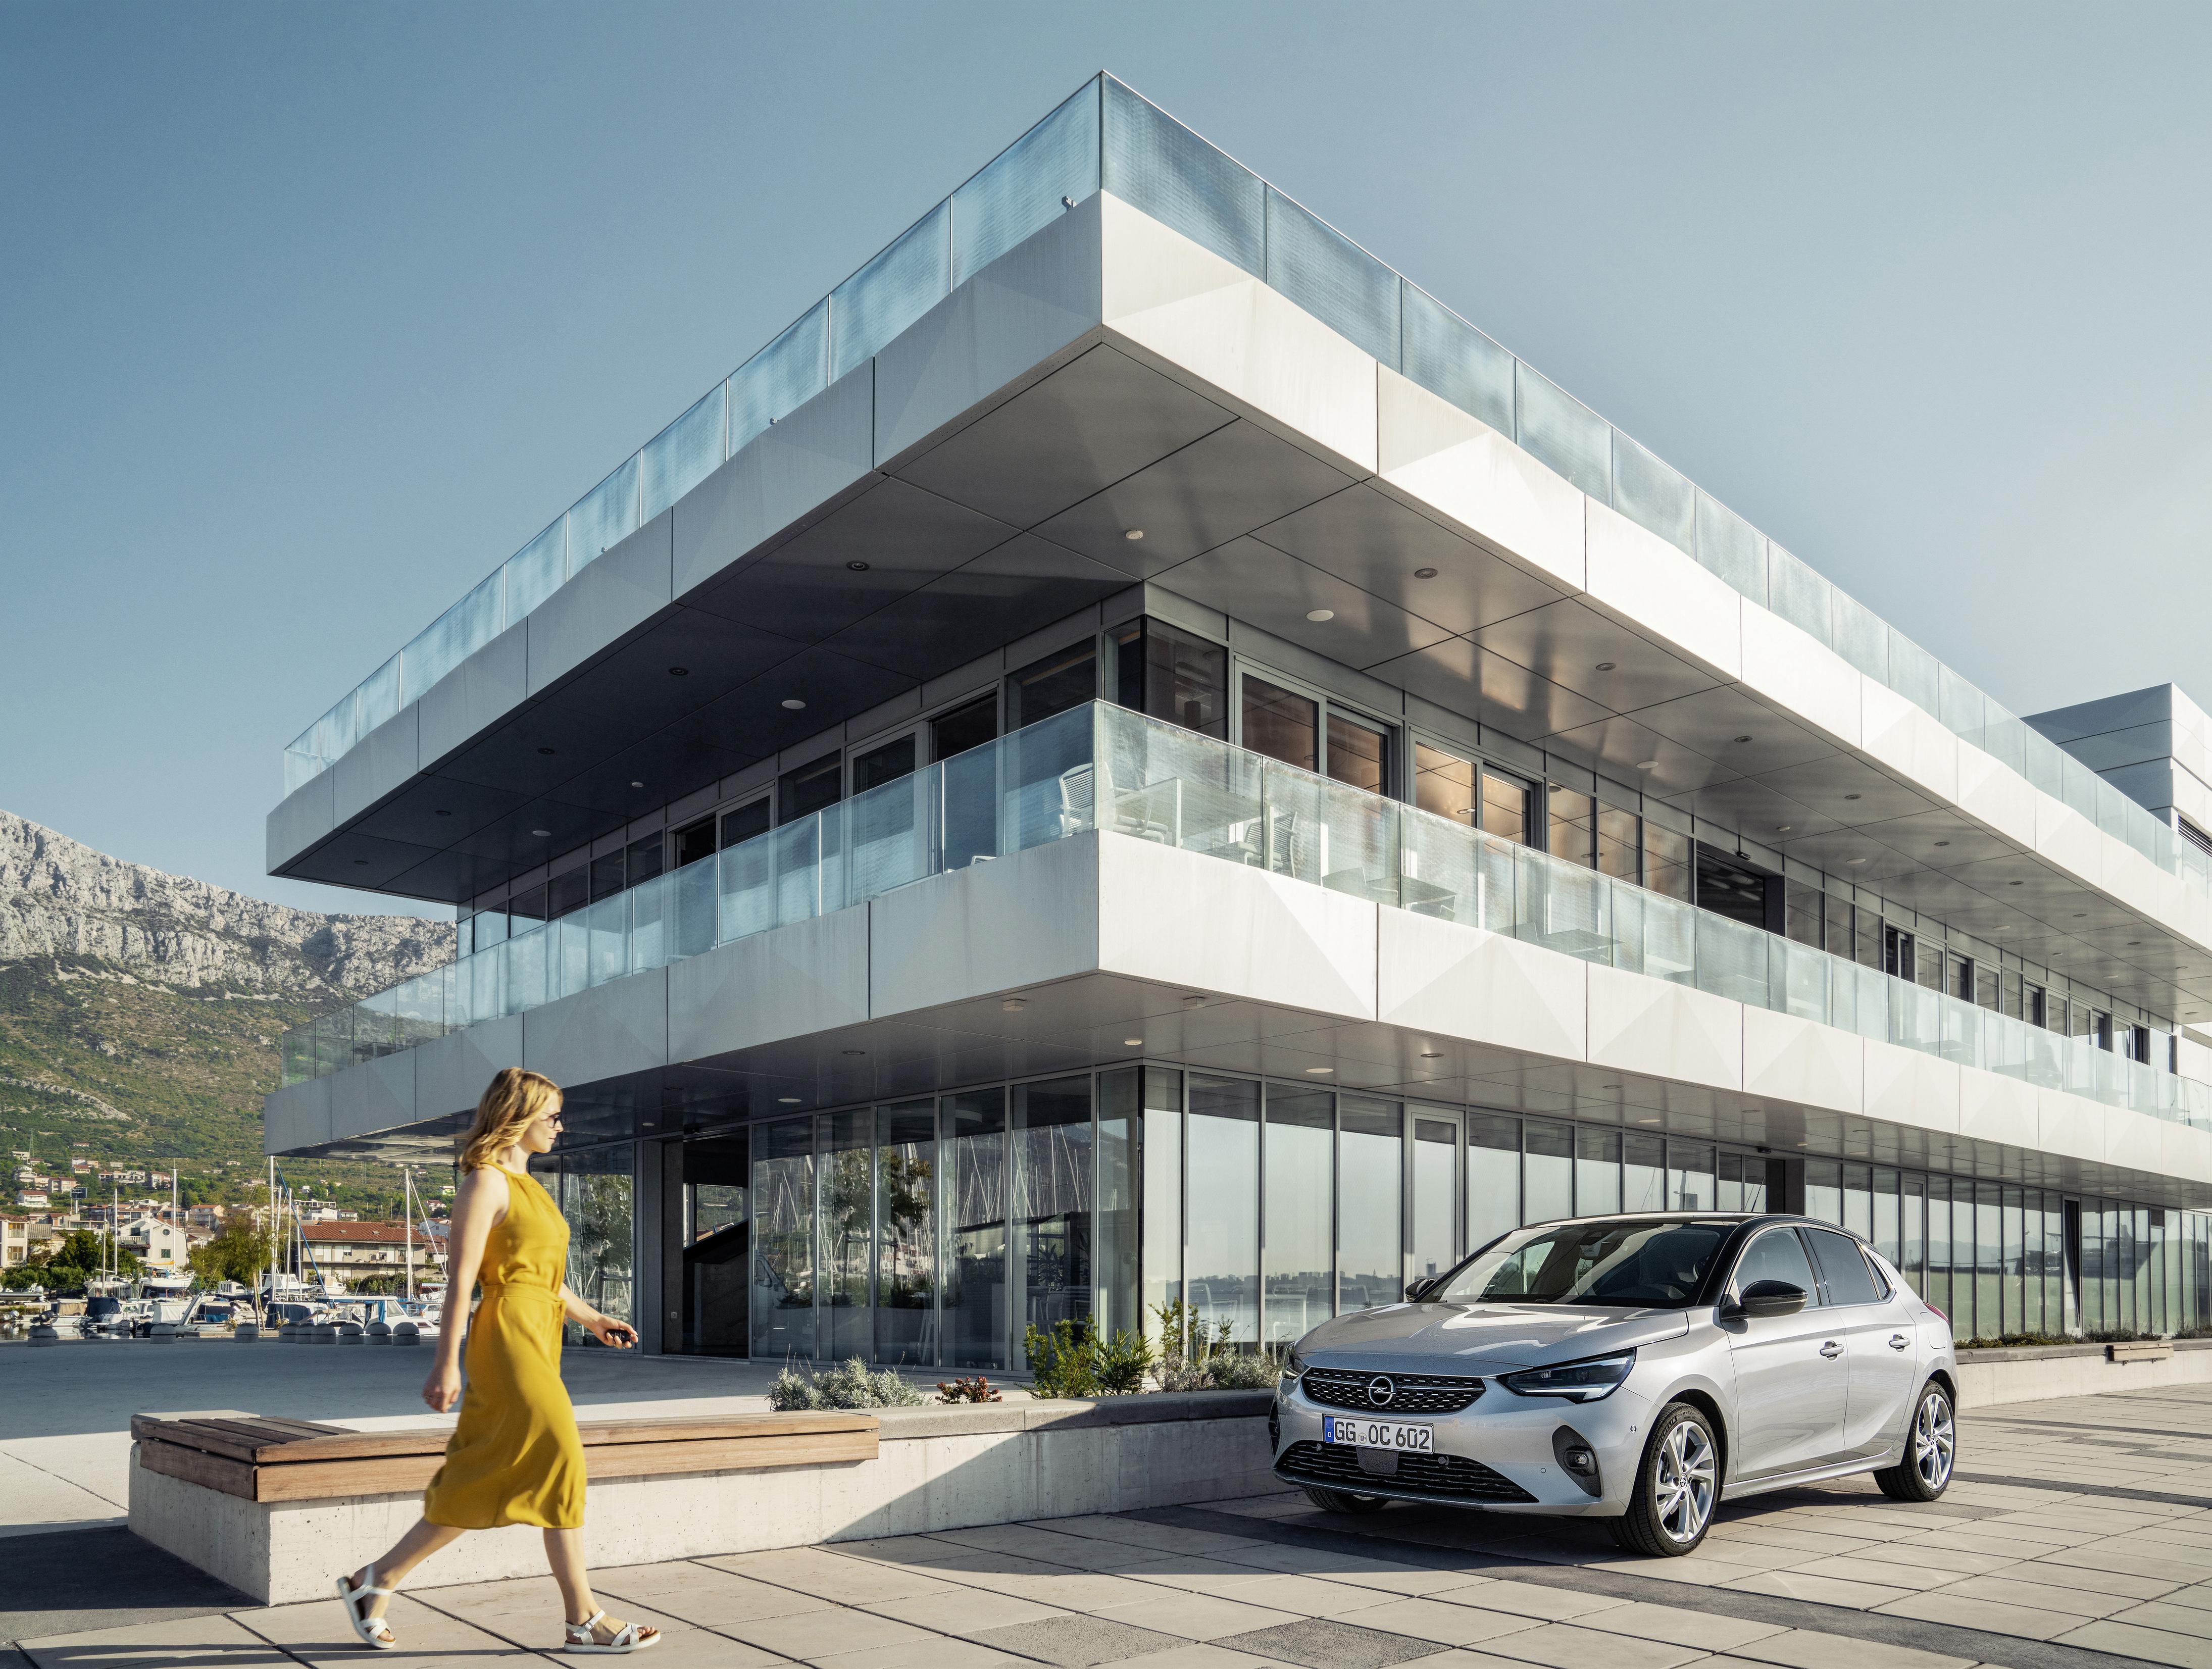 Photo Opel 2019-20 Corsa Silver color Cars 4380x3305 auto automobile